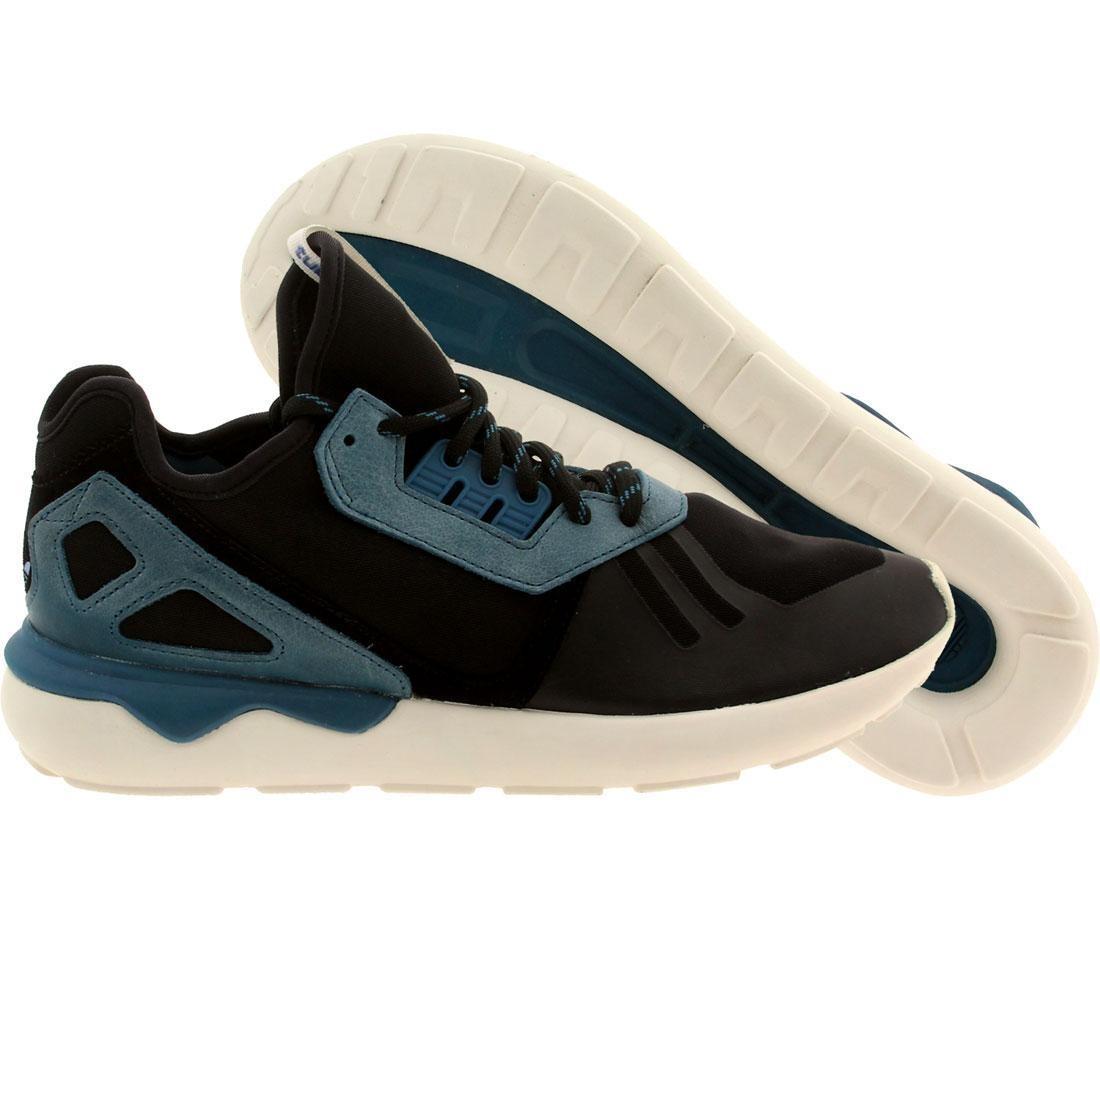 【海外限定】アディダス 靴 メンズ靴 【 ADIDAS MEN TUBULAR RUNNER BLACK SURPET OWHITE 】